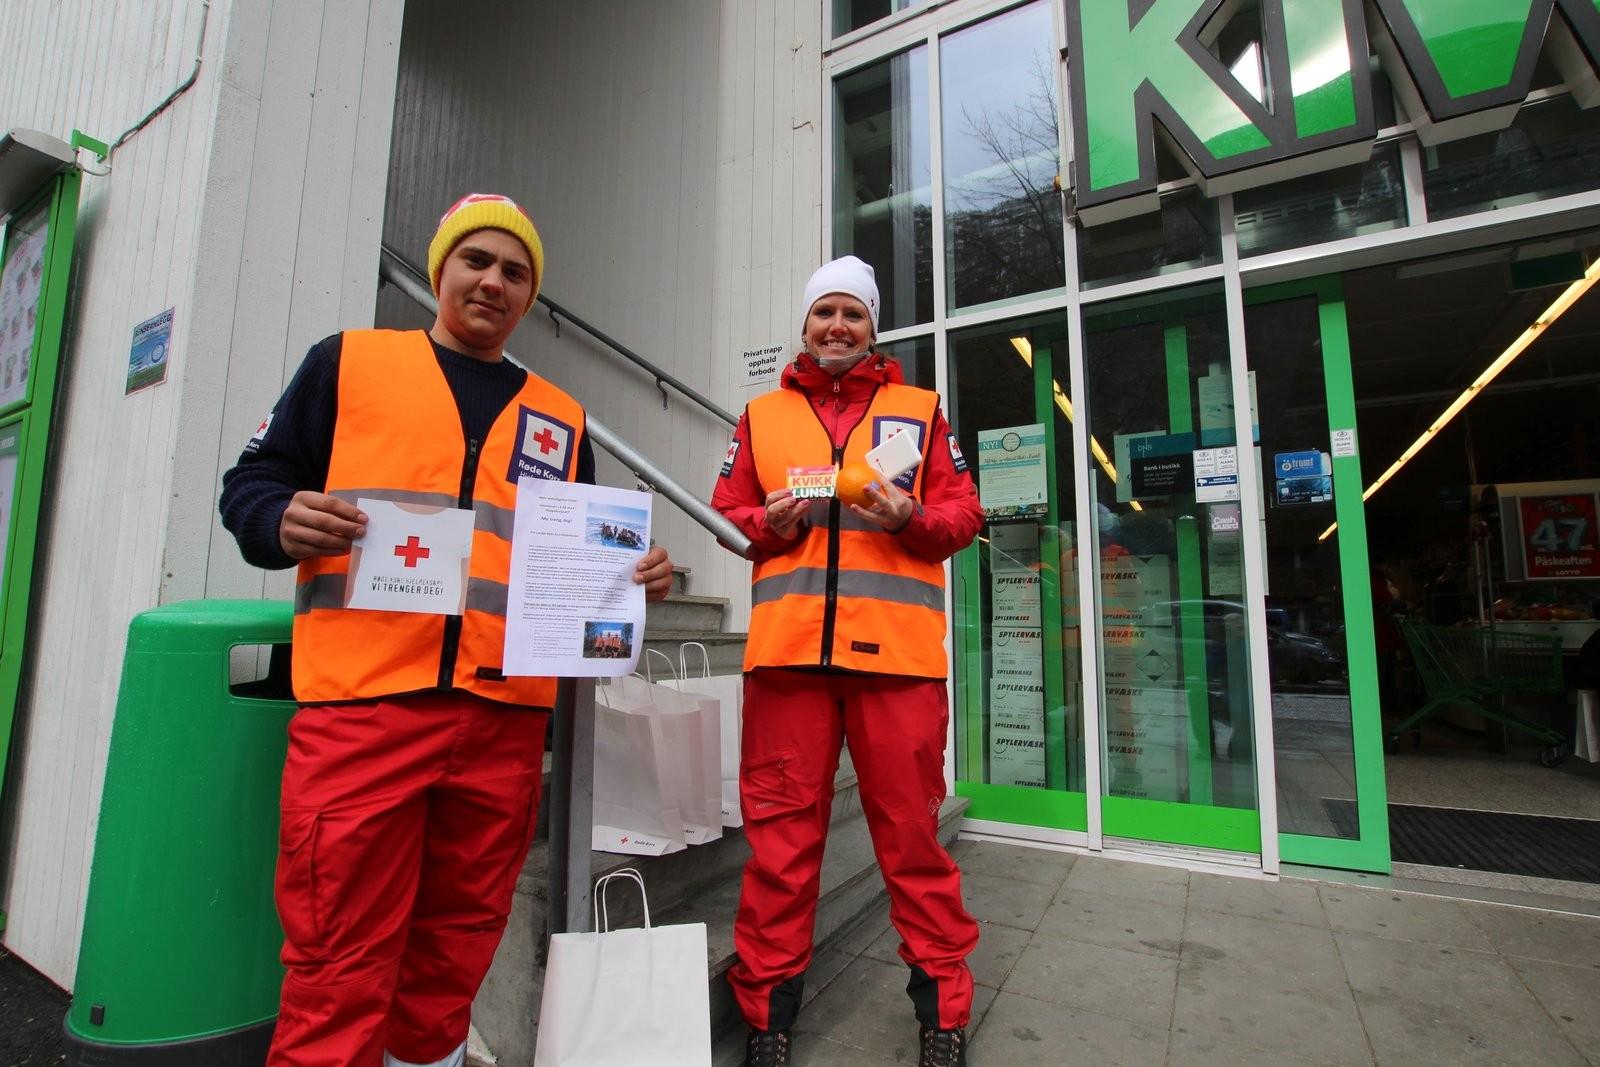 Lærdal Røde Kors Hjelpekorps skapte god påskestemning utanfor Kiwi. Dei delte ut påskegodt, fjellvettreglar og informasjon om Røde Kors.